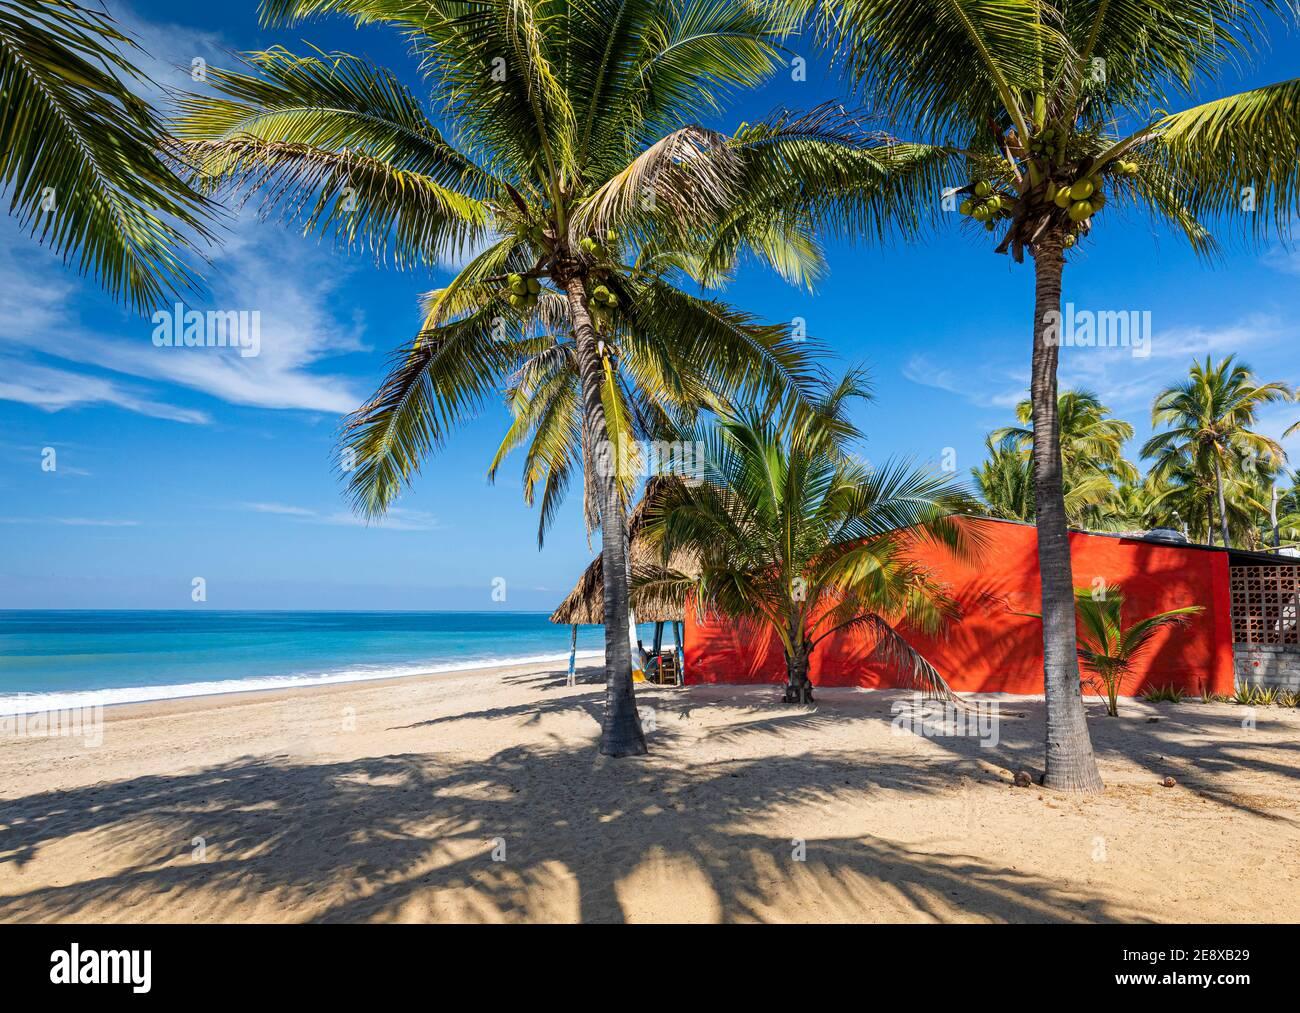 Rotes Haus am Strand von Lo De Marcos an der Pazifikküste von Nayarit, Mexiko. Stockfoto